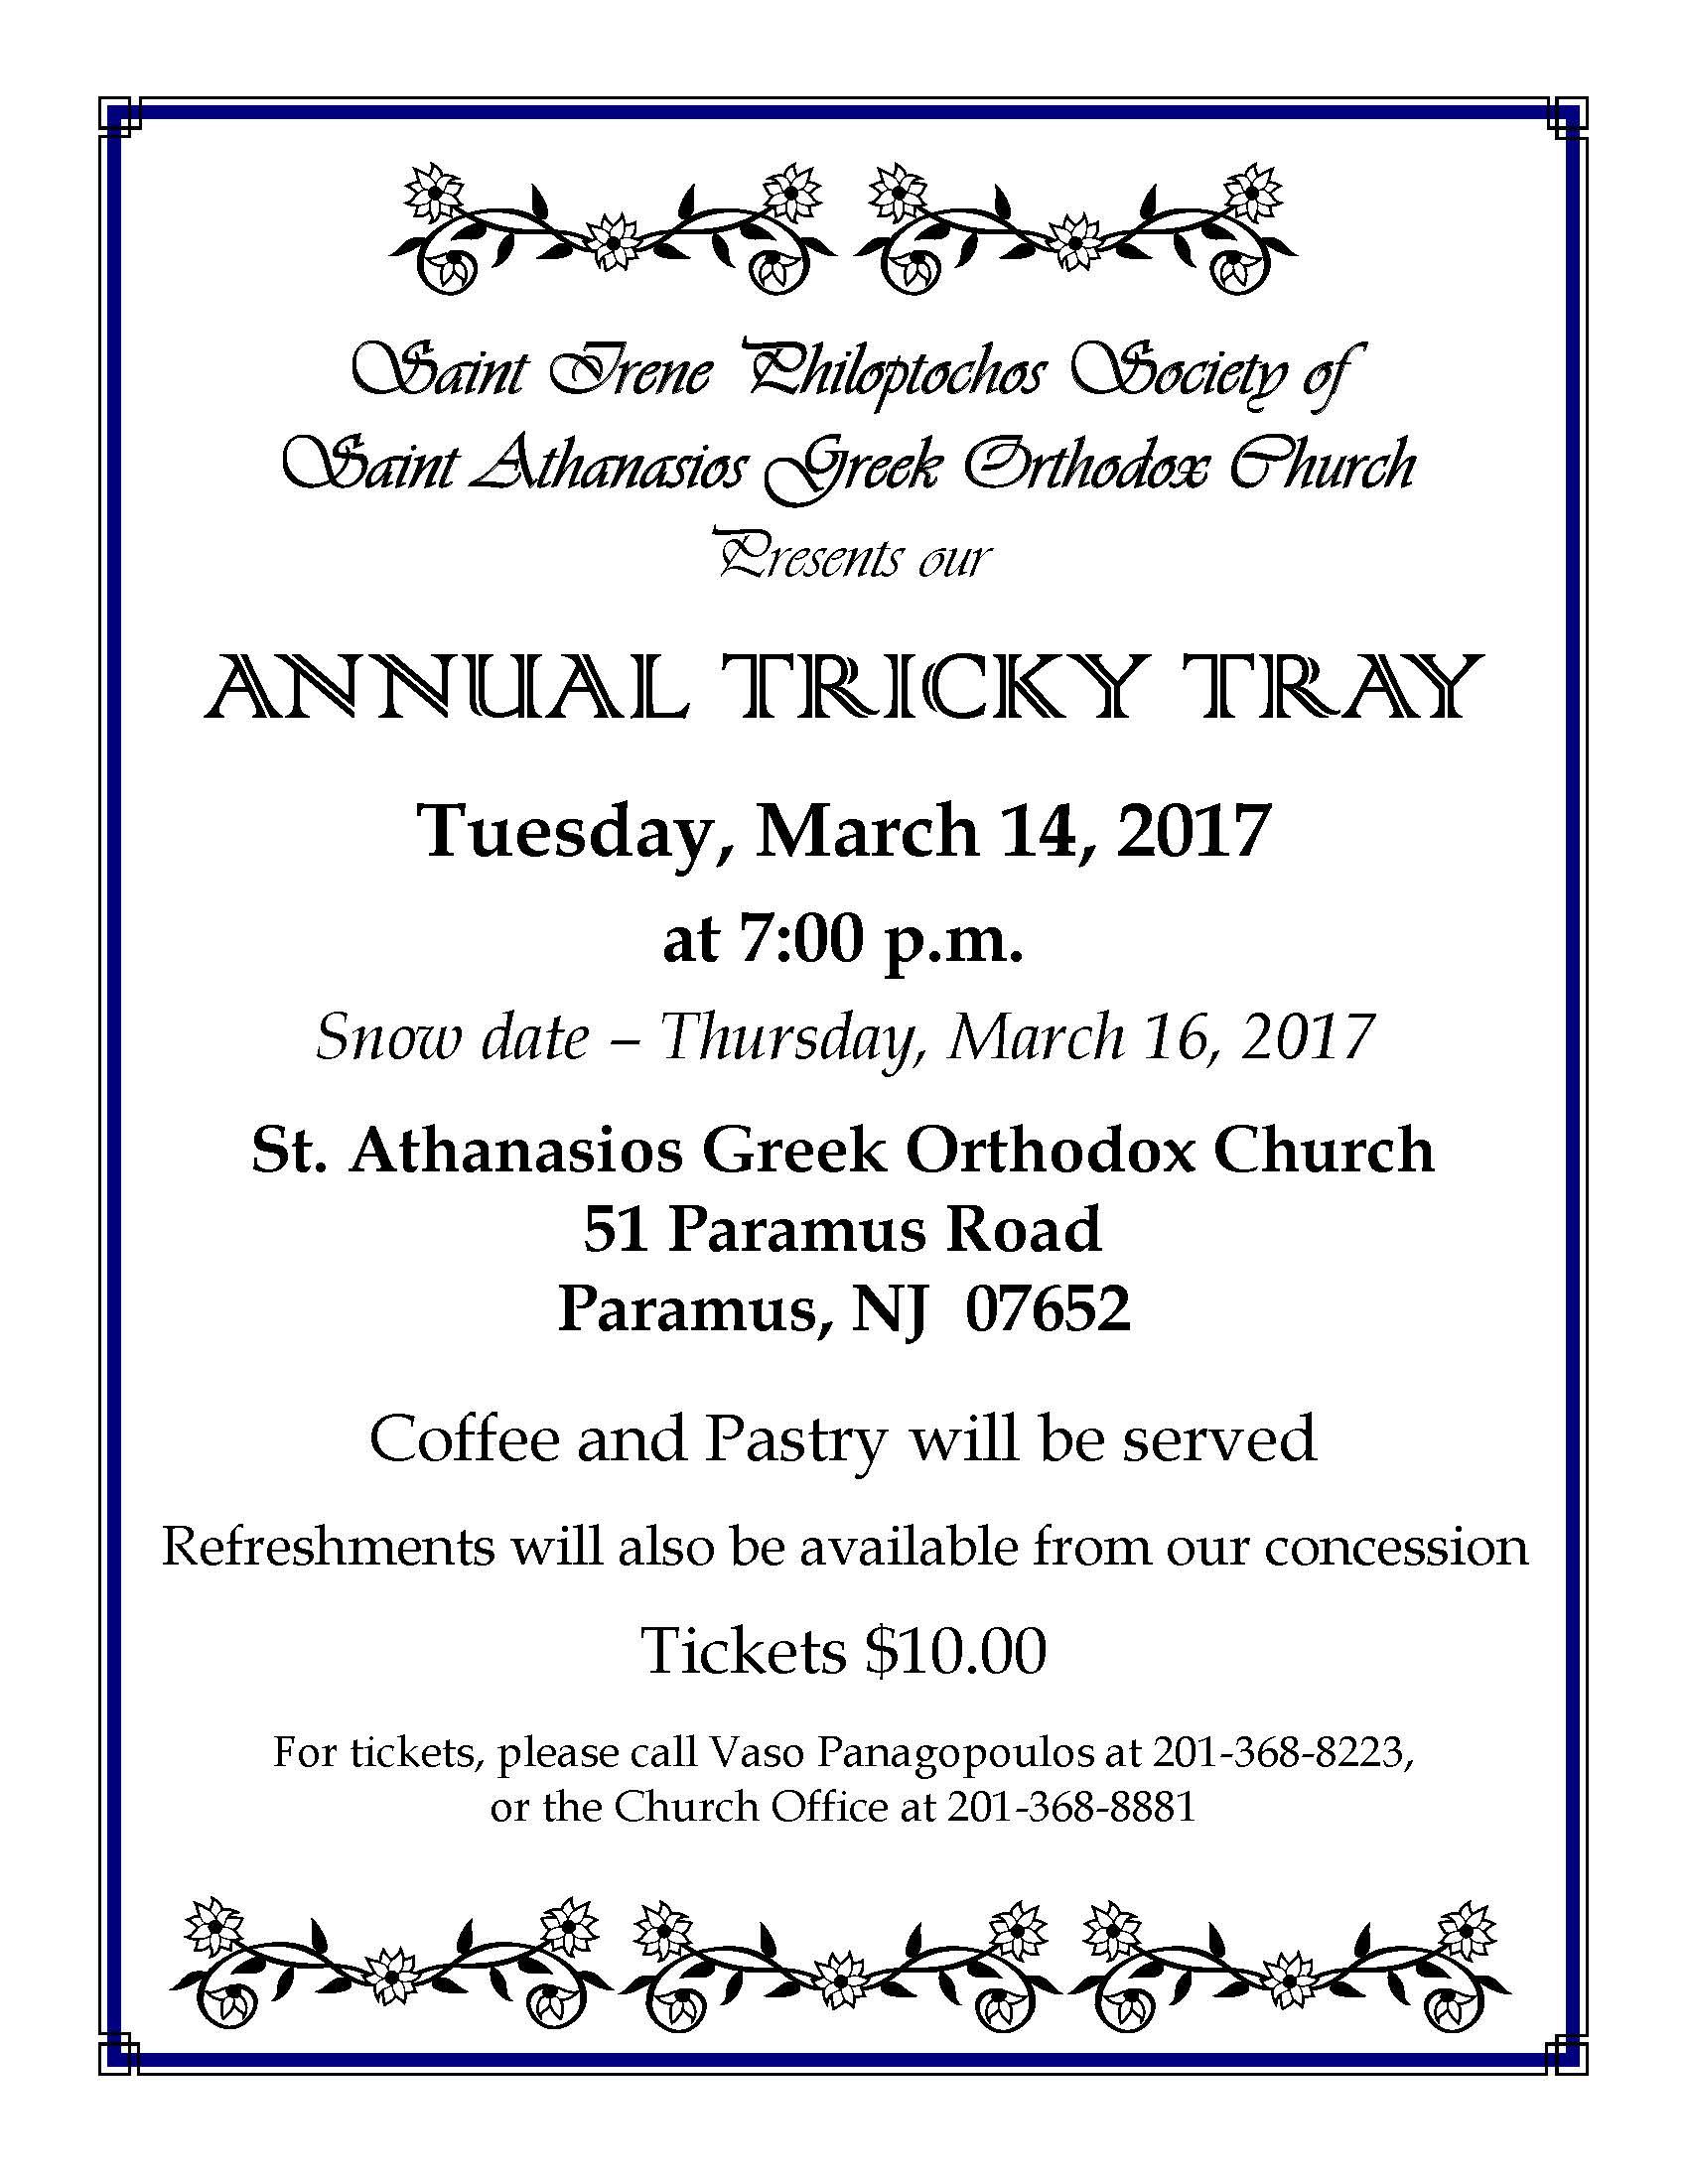 Tricky Tray Flyer 2016